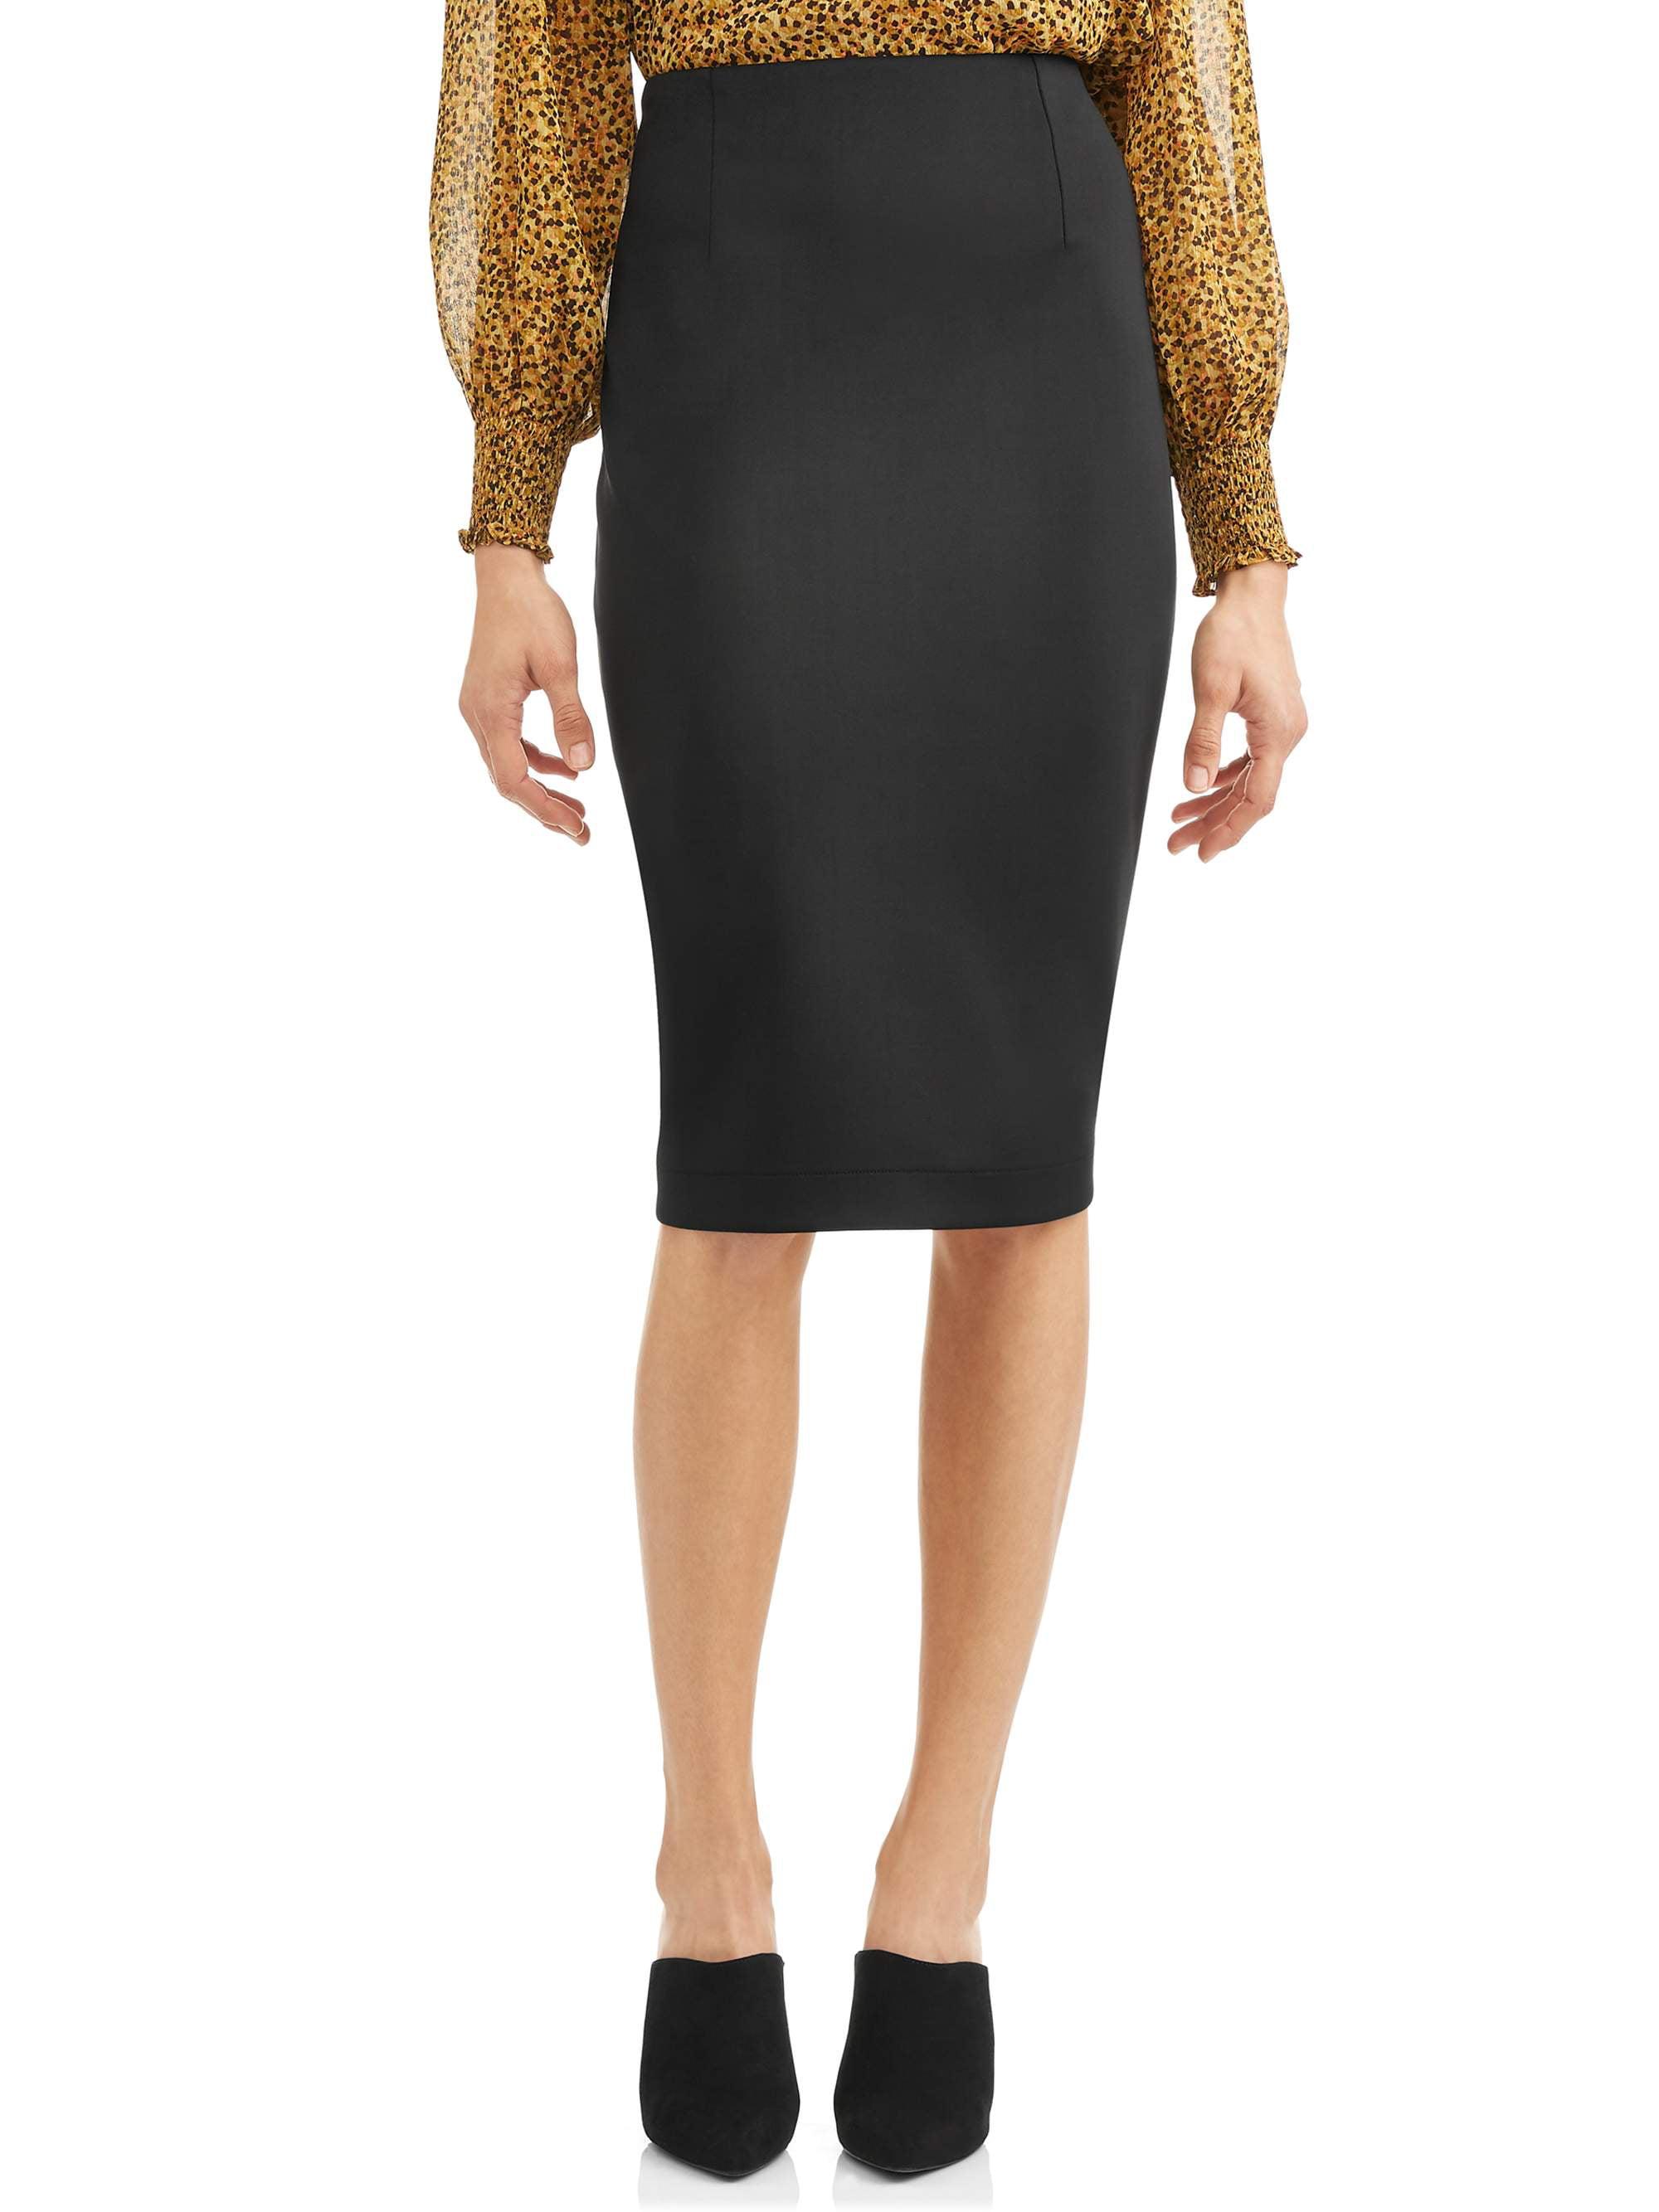 Women's Goldi Pencil Skirt